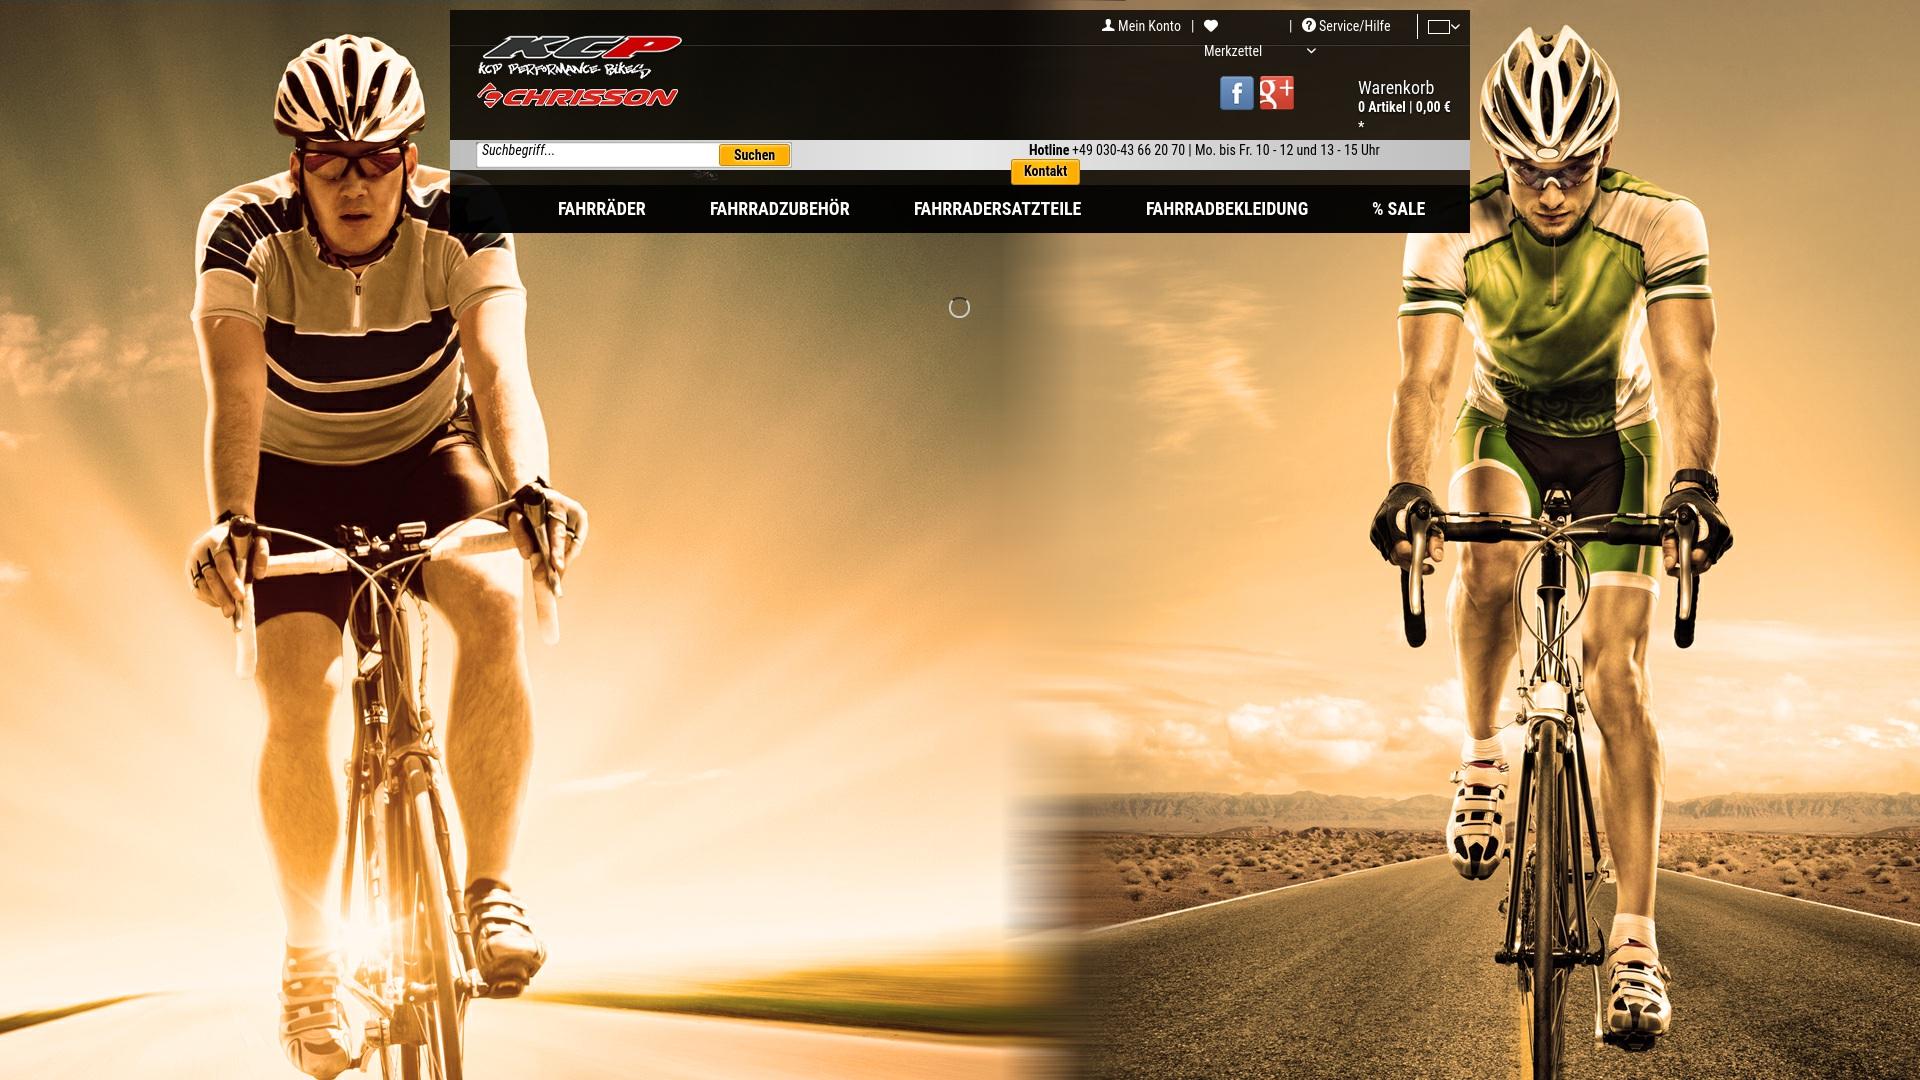 Gutschein für Kcp-bikes: Rabatte für  Kcp-bikes sichern